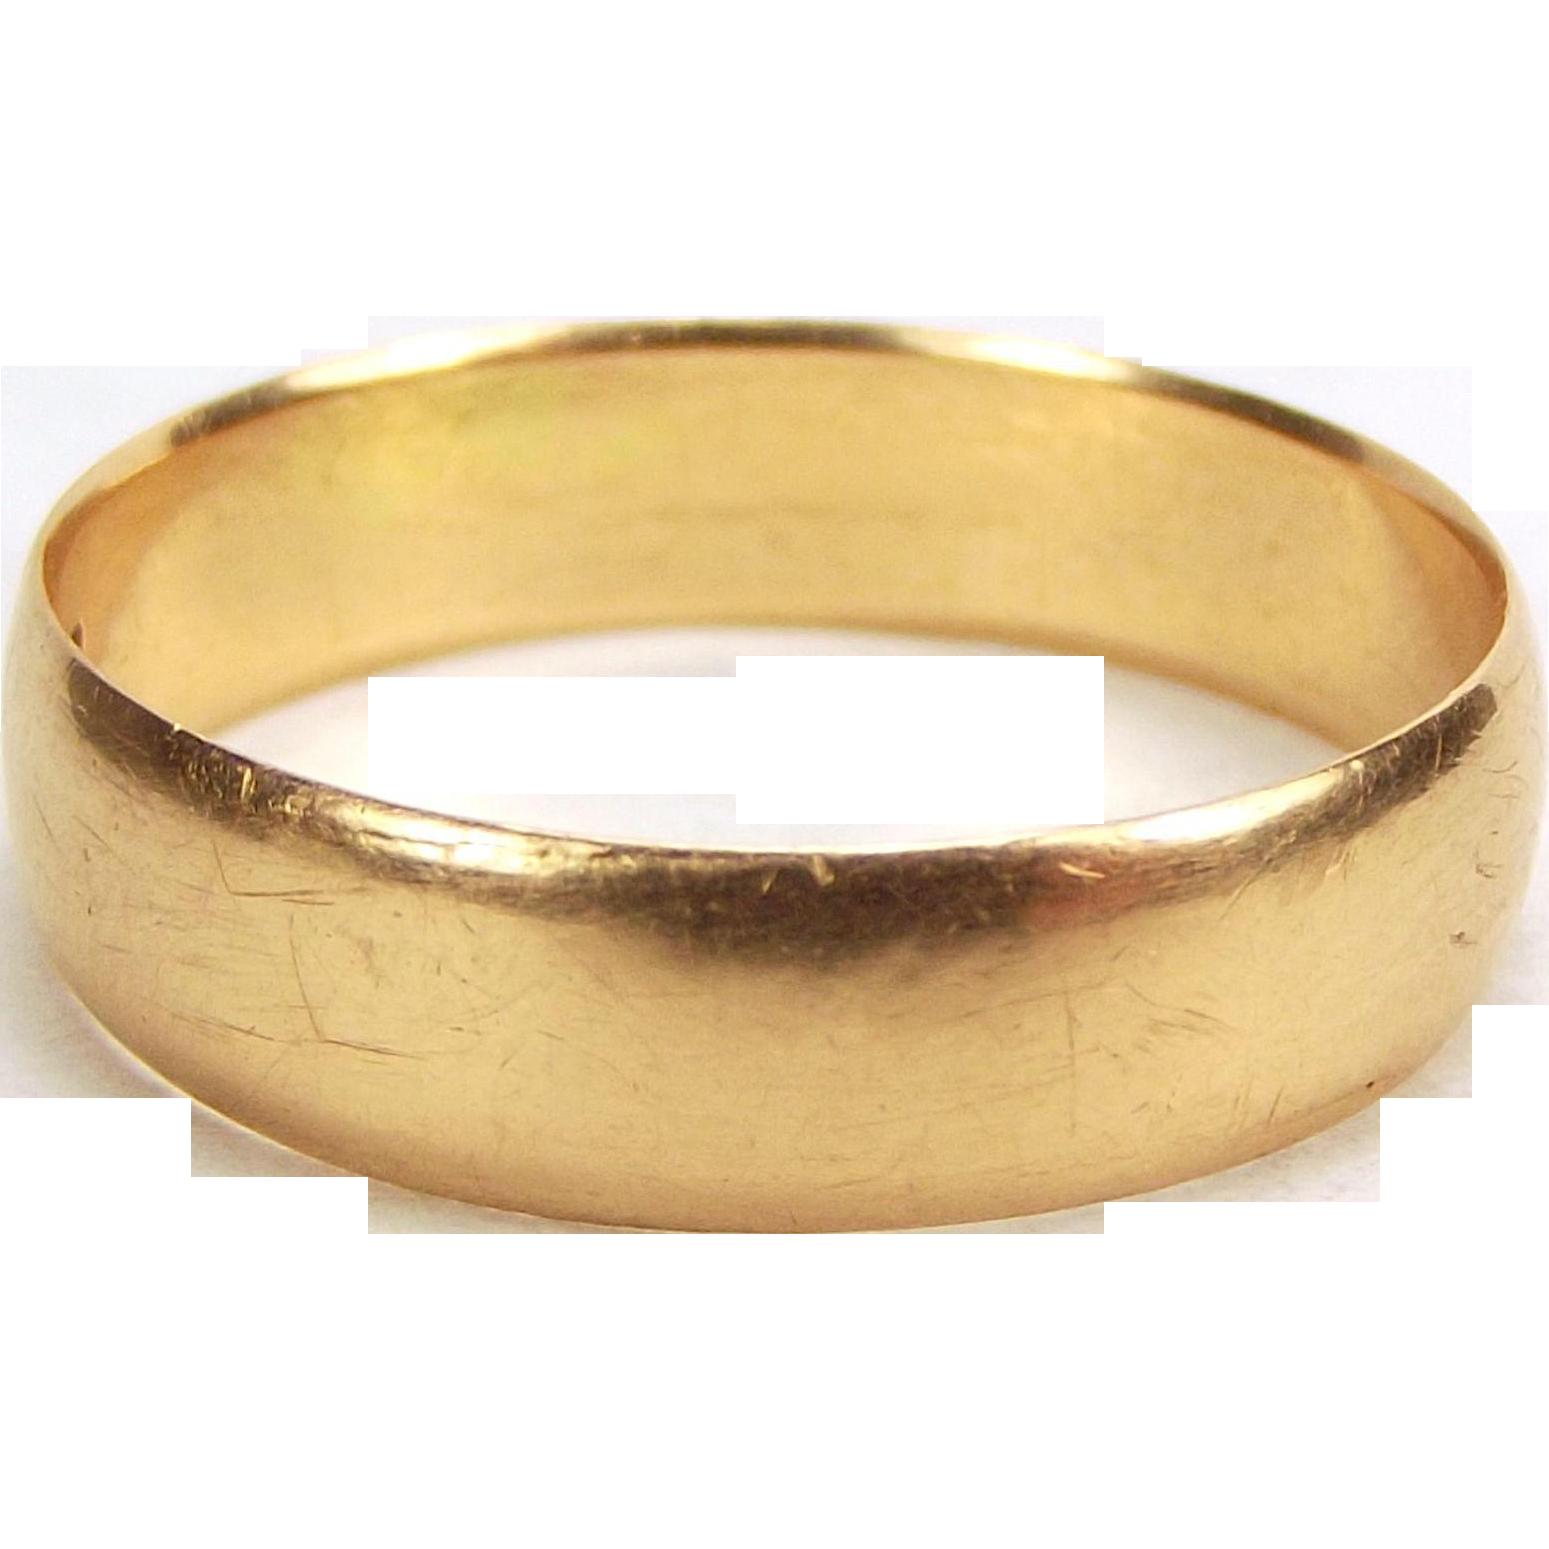 Trend Expensive Wedding Rings Samuel Hope Wedding Rings